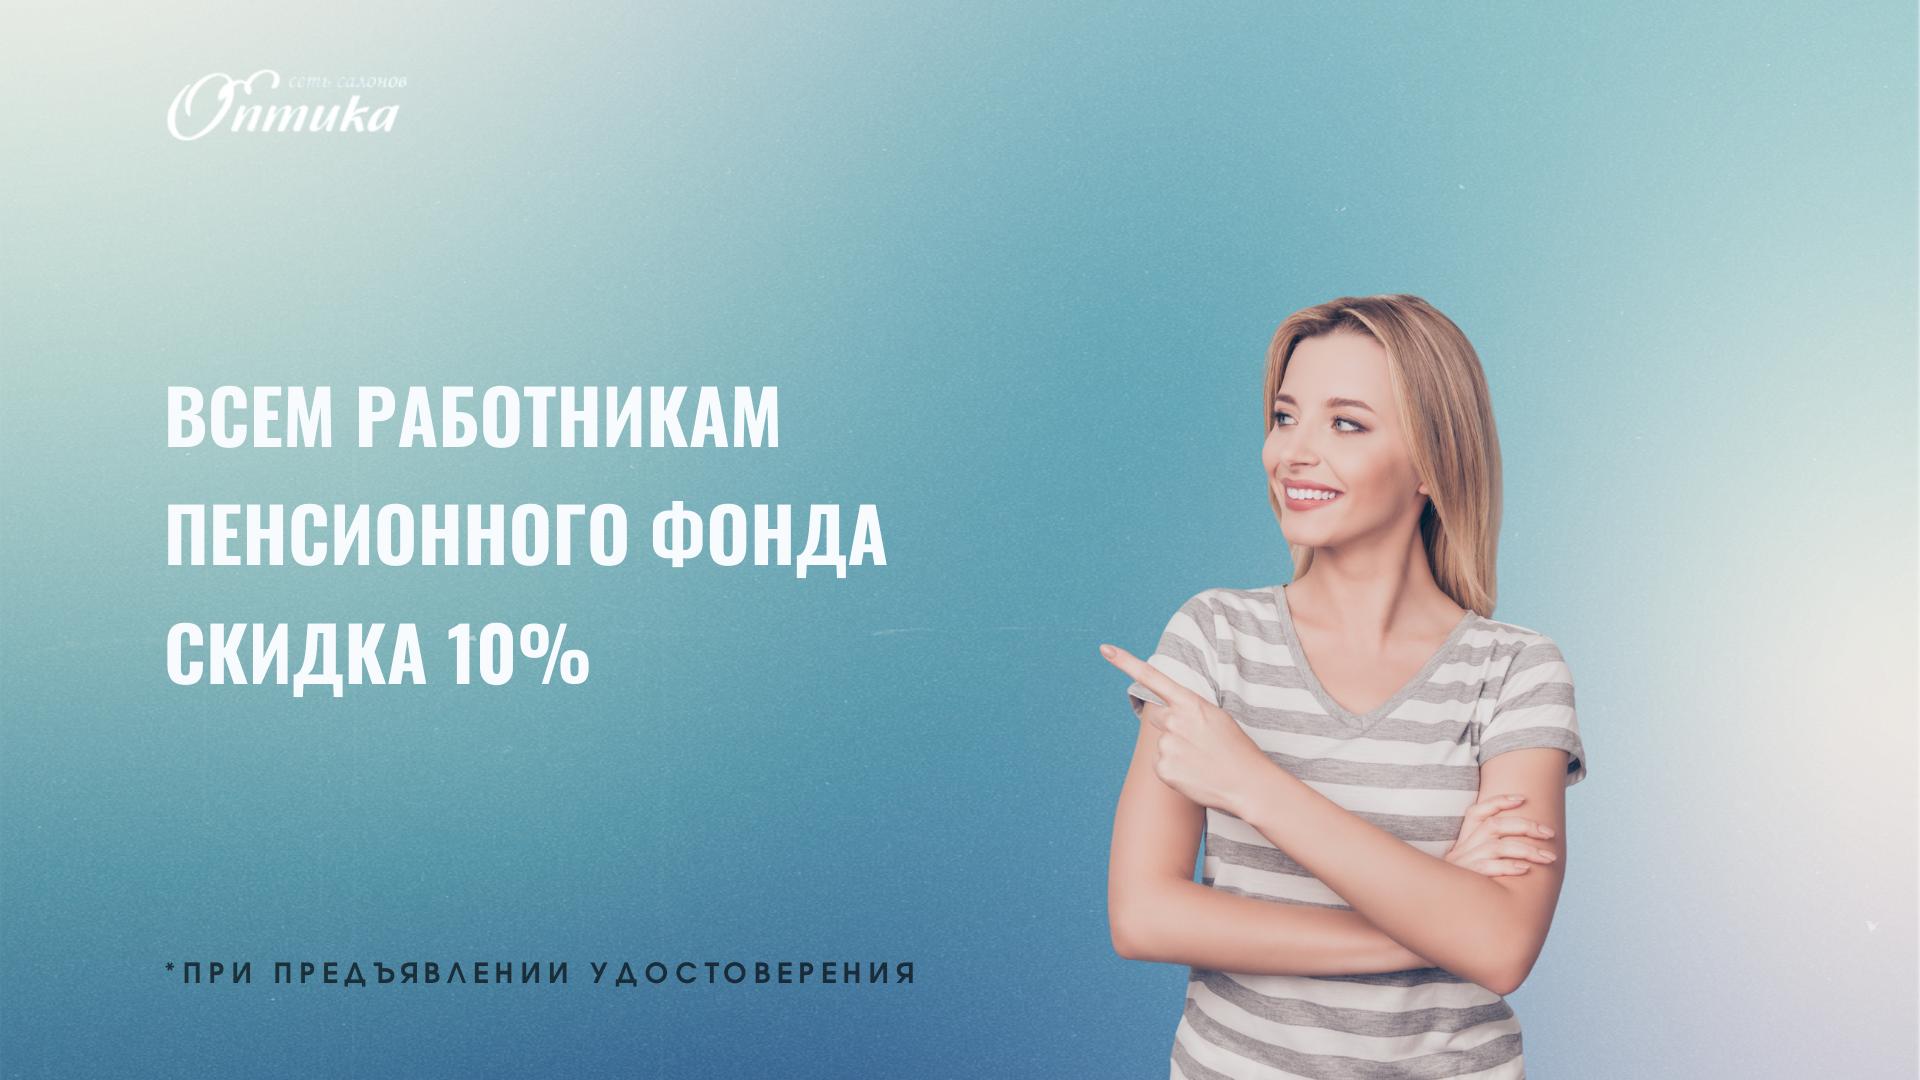 Для всех сотрудников Пенсионного фонда РФ